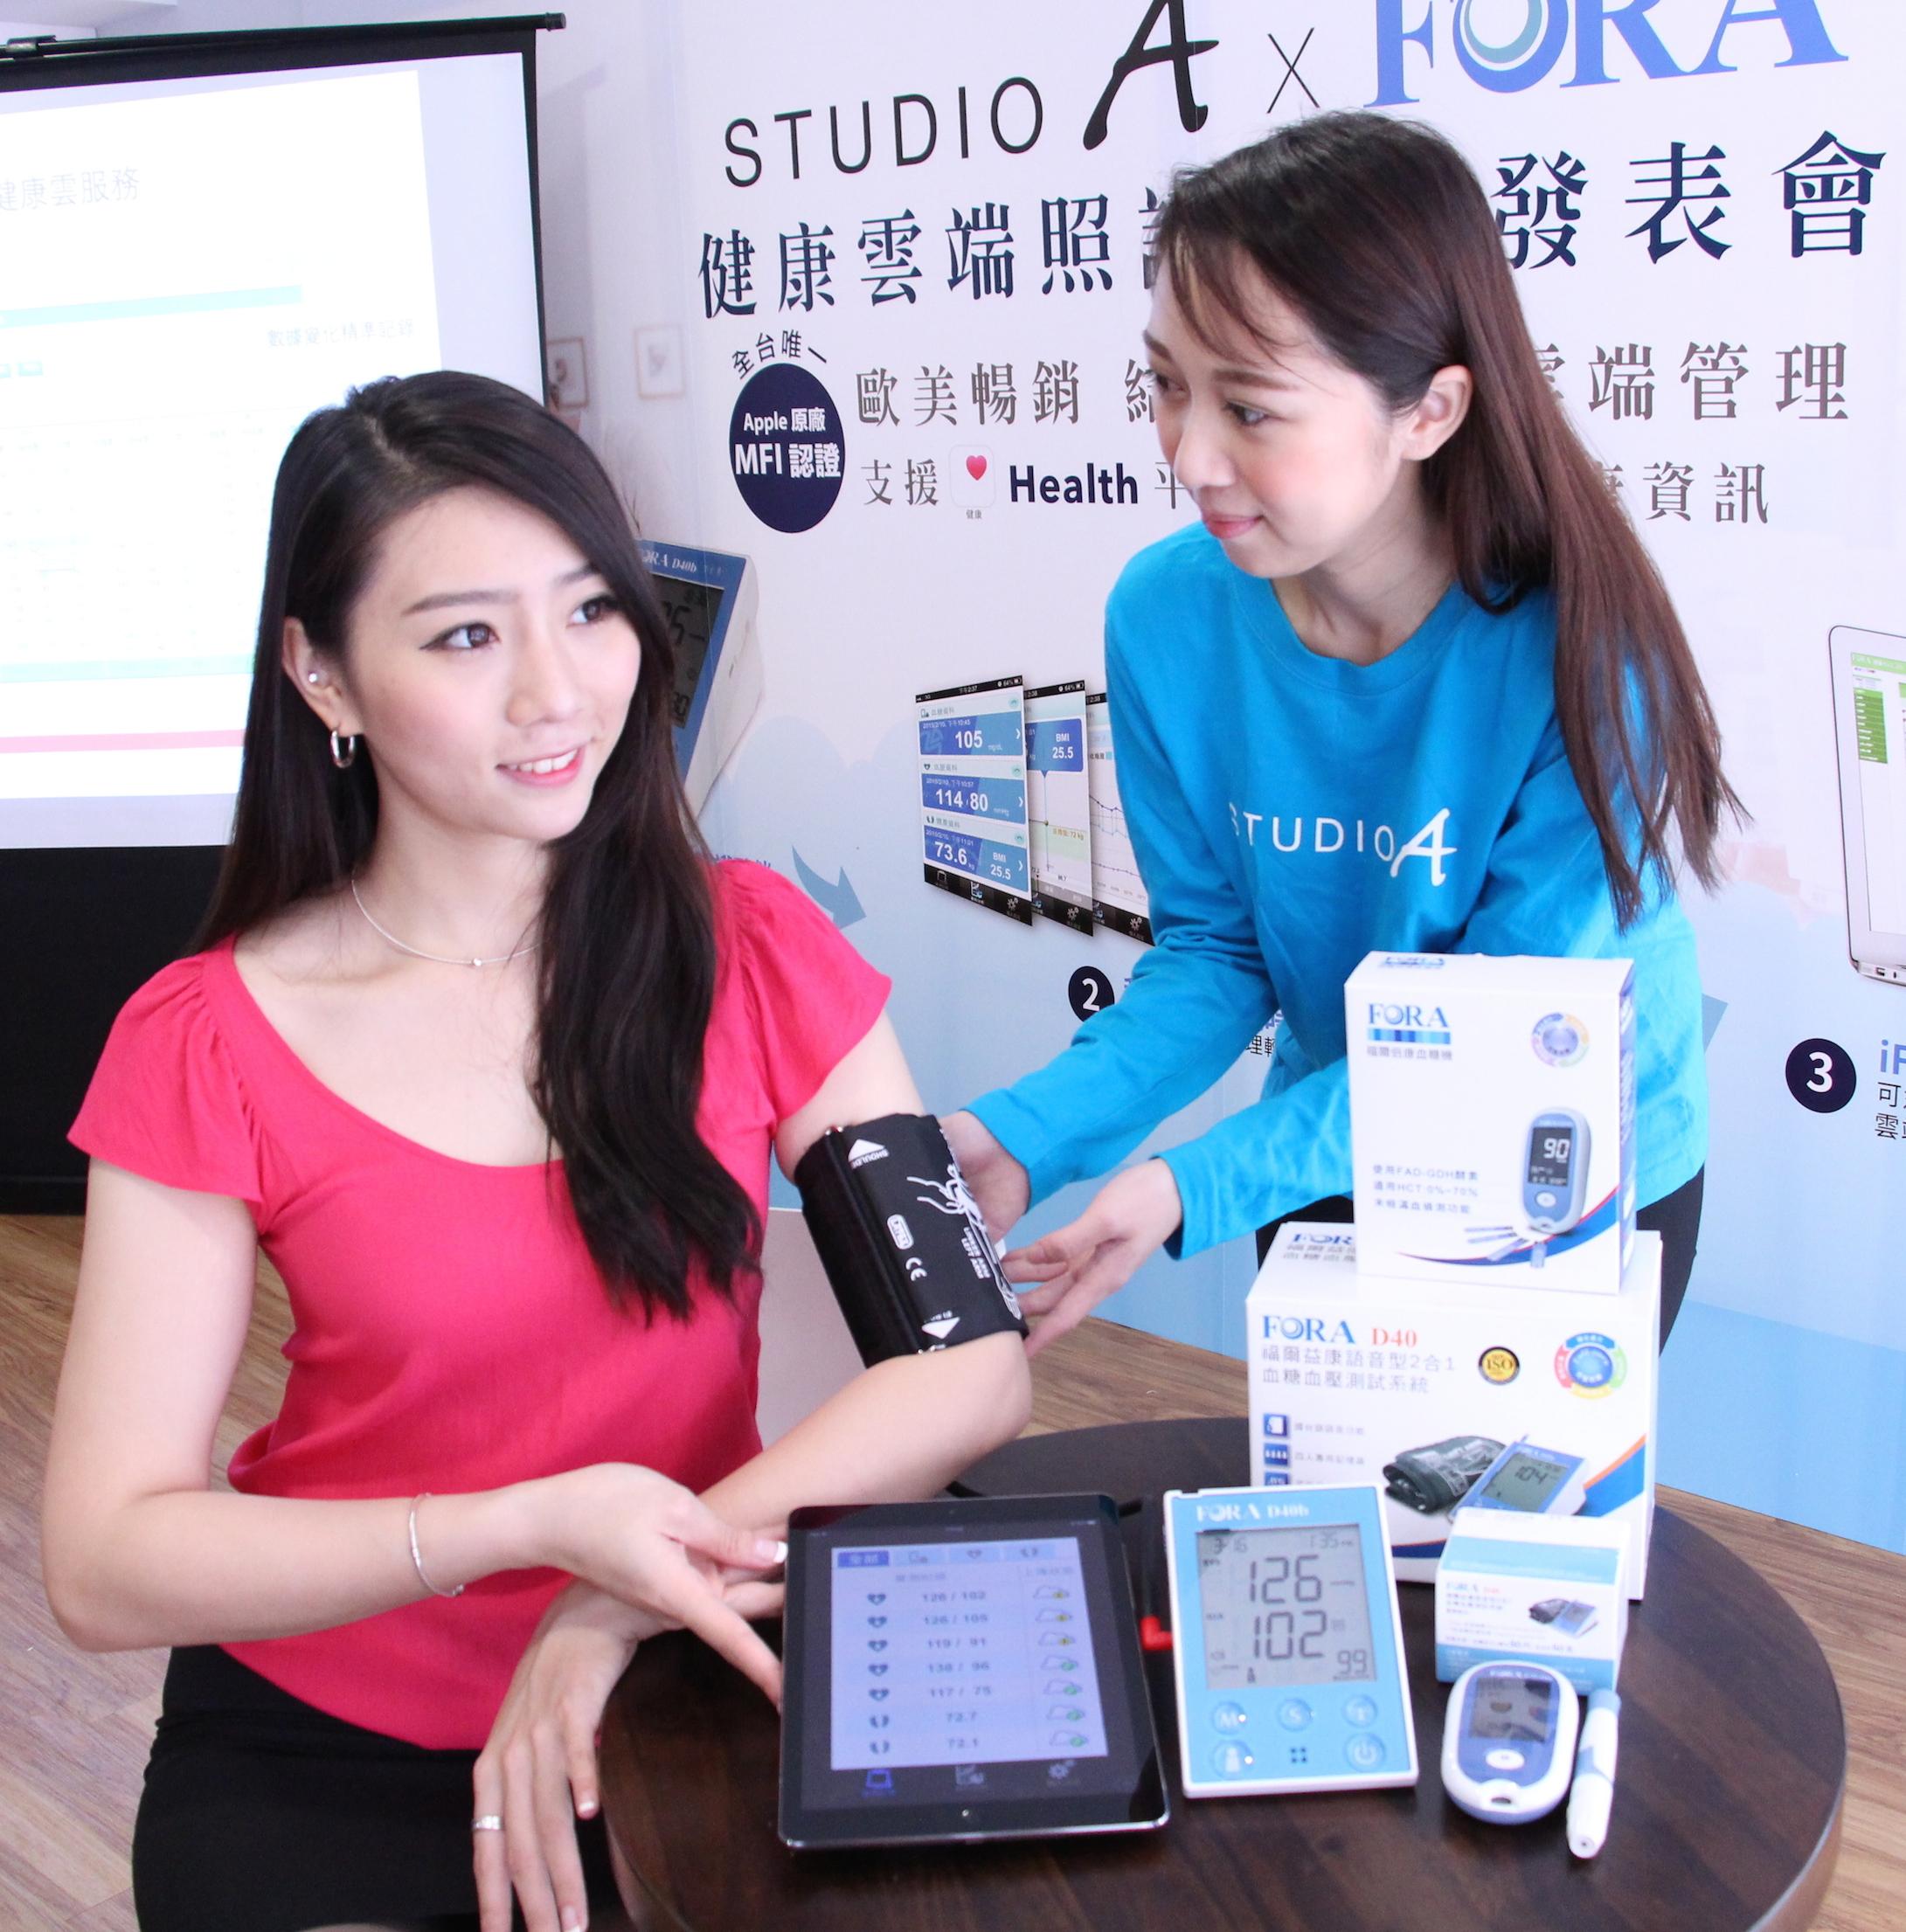 STUDIO A搶攻行動醫療市場  測血壓量血糖 串聯Apple APP 雲端追蹤健康狀況